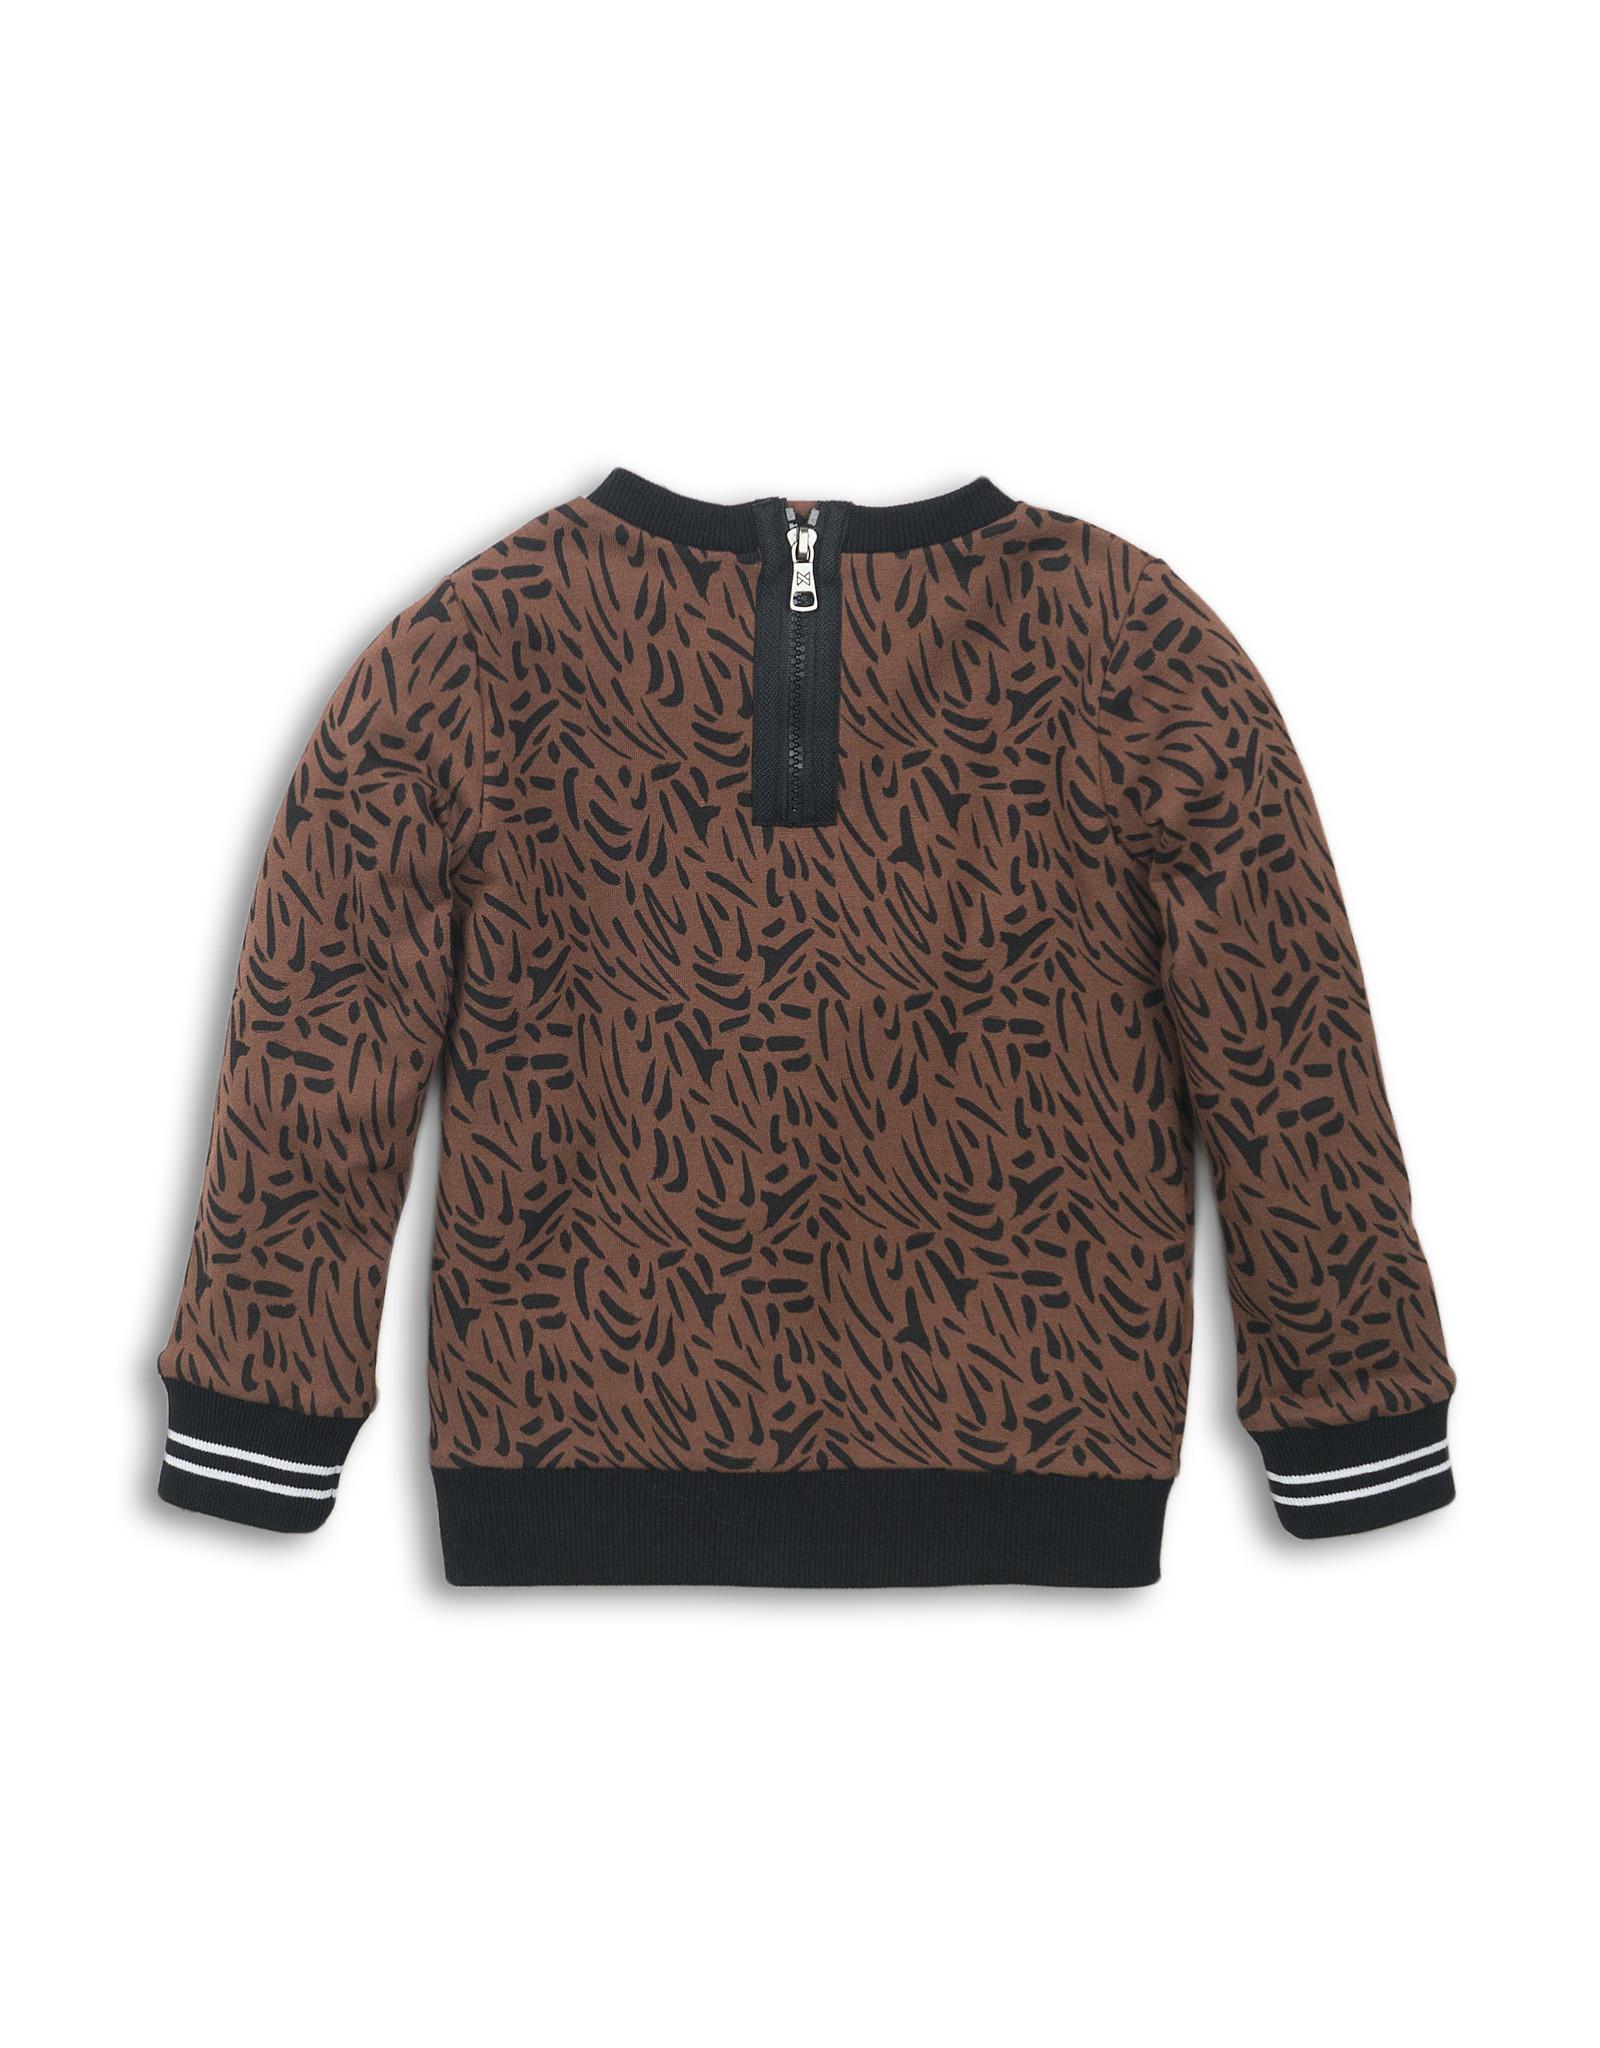 Koko Noko Koko Noko meisjes sweater met bies Brown aop